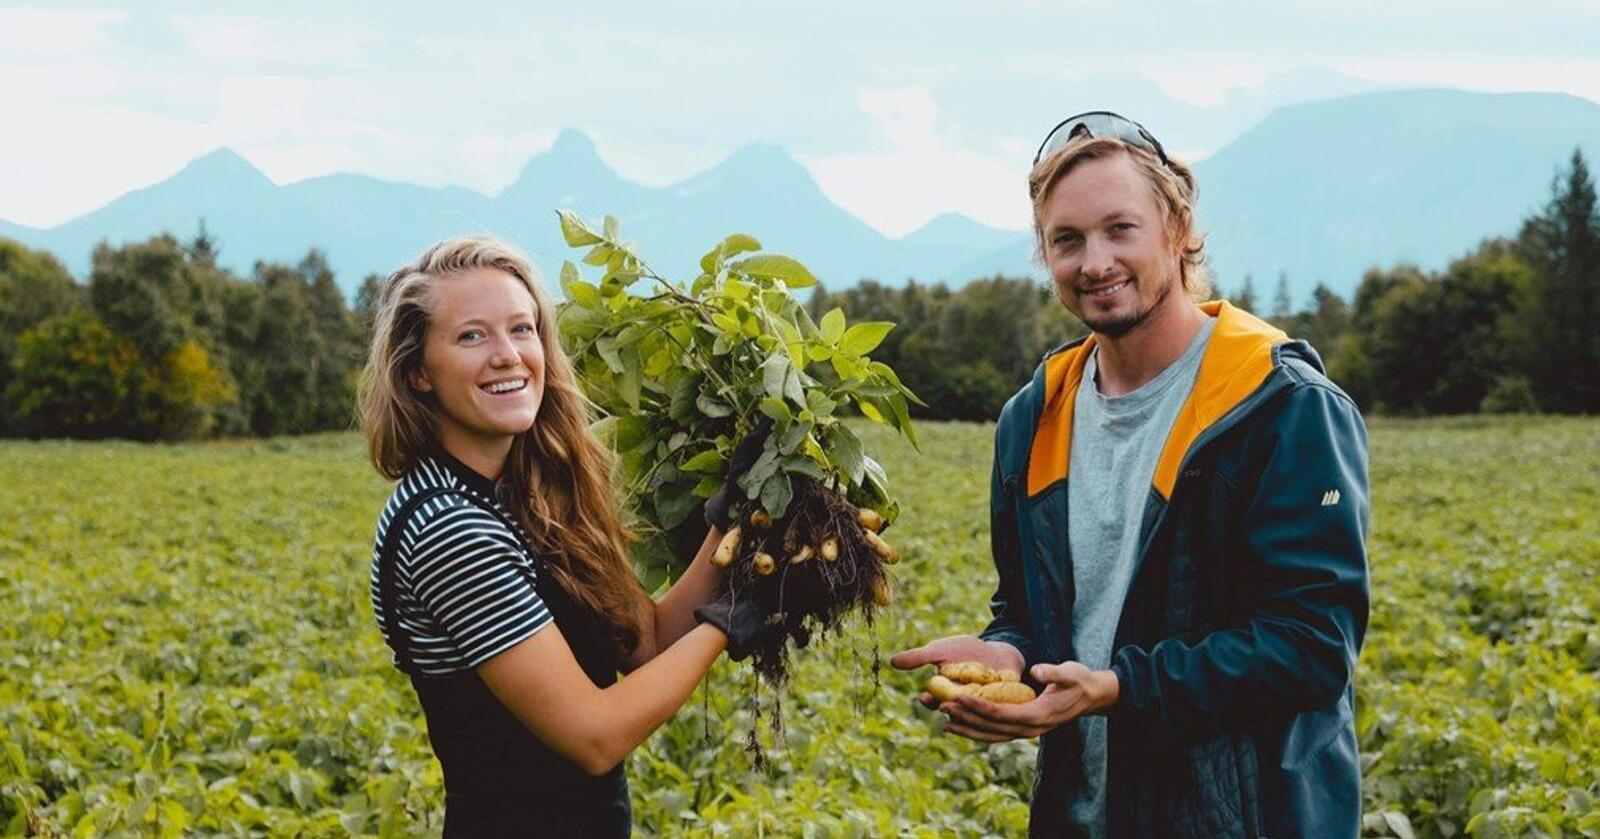 Dina Fonn Sætre og Henning Andreas Holand tok over garden til foreldra til Henning i 2018, etter søstrene hans ikkje ville ha odel. No dyrkar dei poteter i alle former og fargar. Foto: Privat